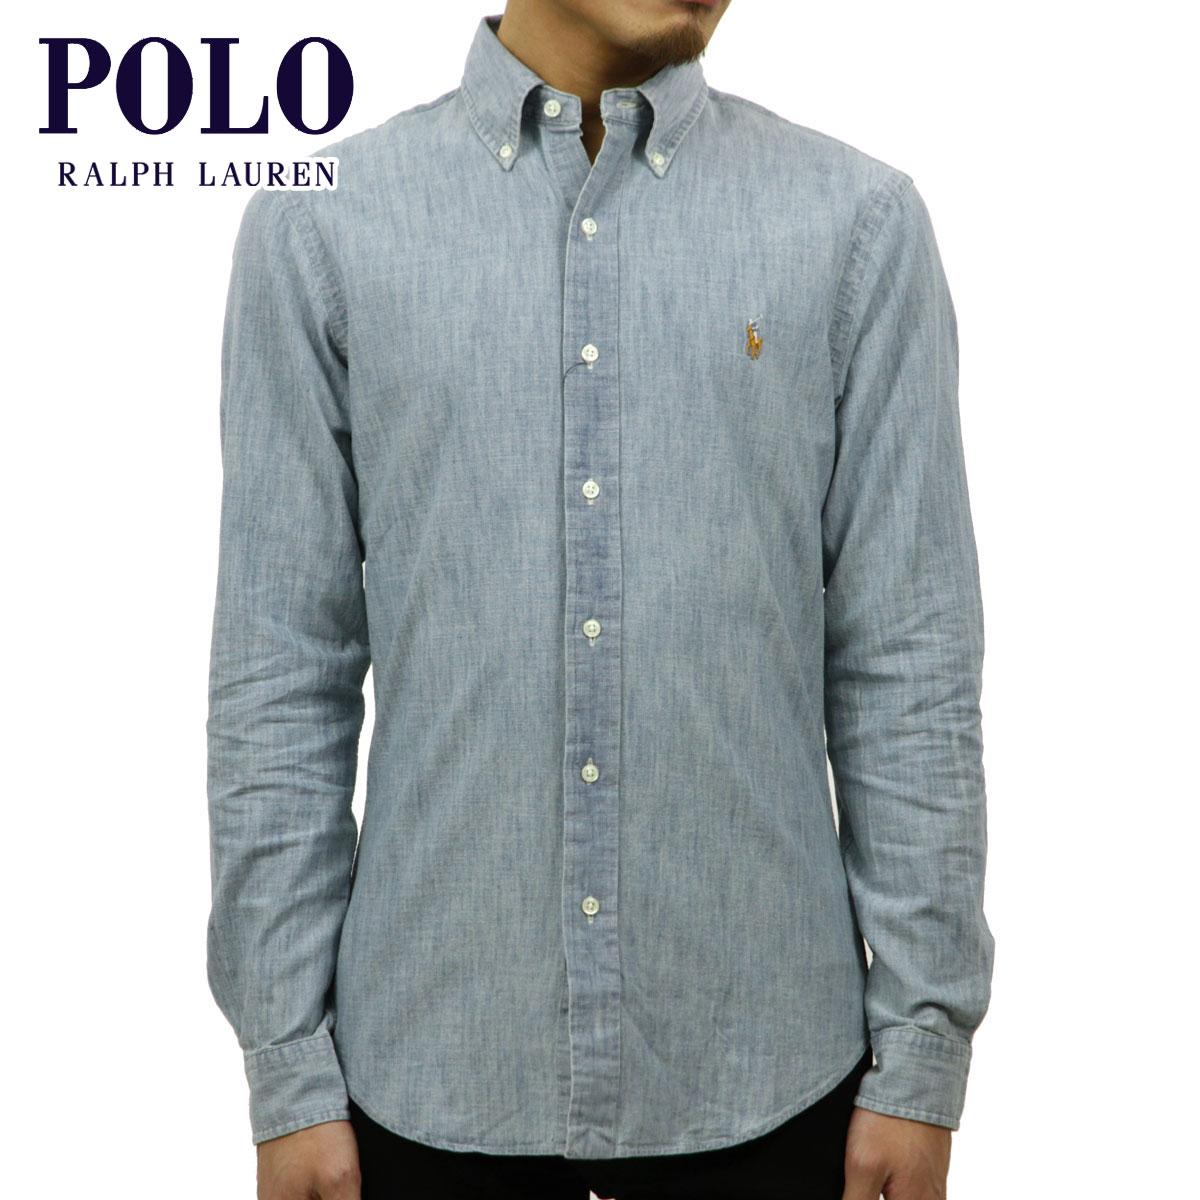 ポロ ラルフローレン POLO RALPH LAUREN 正規品 メンズ 長袖シャツ Slim-Fit Chambray Shirt D00S20